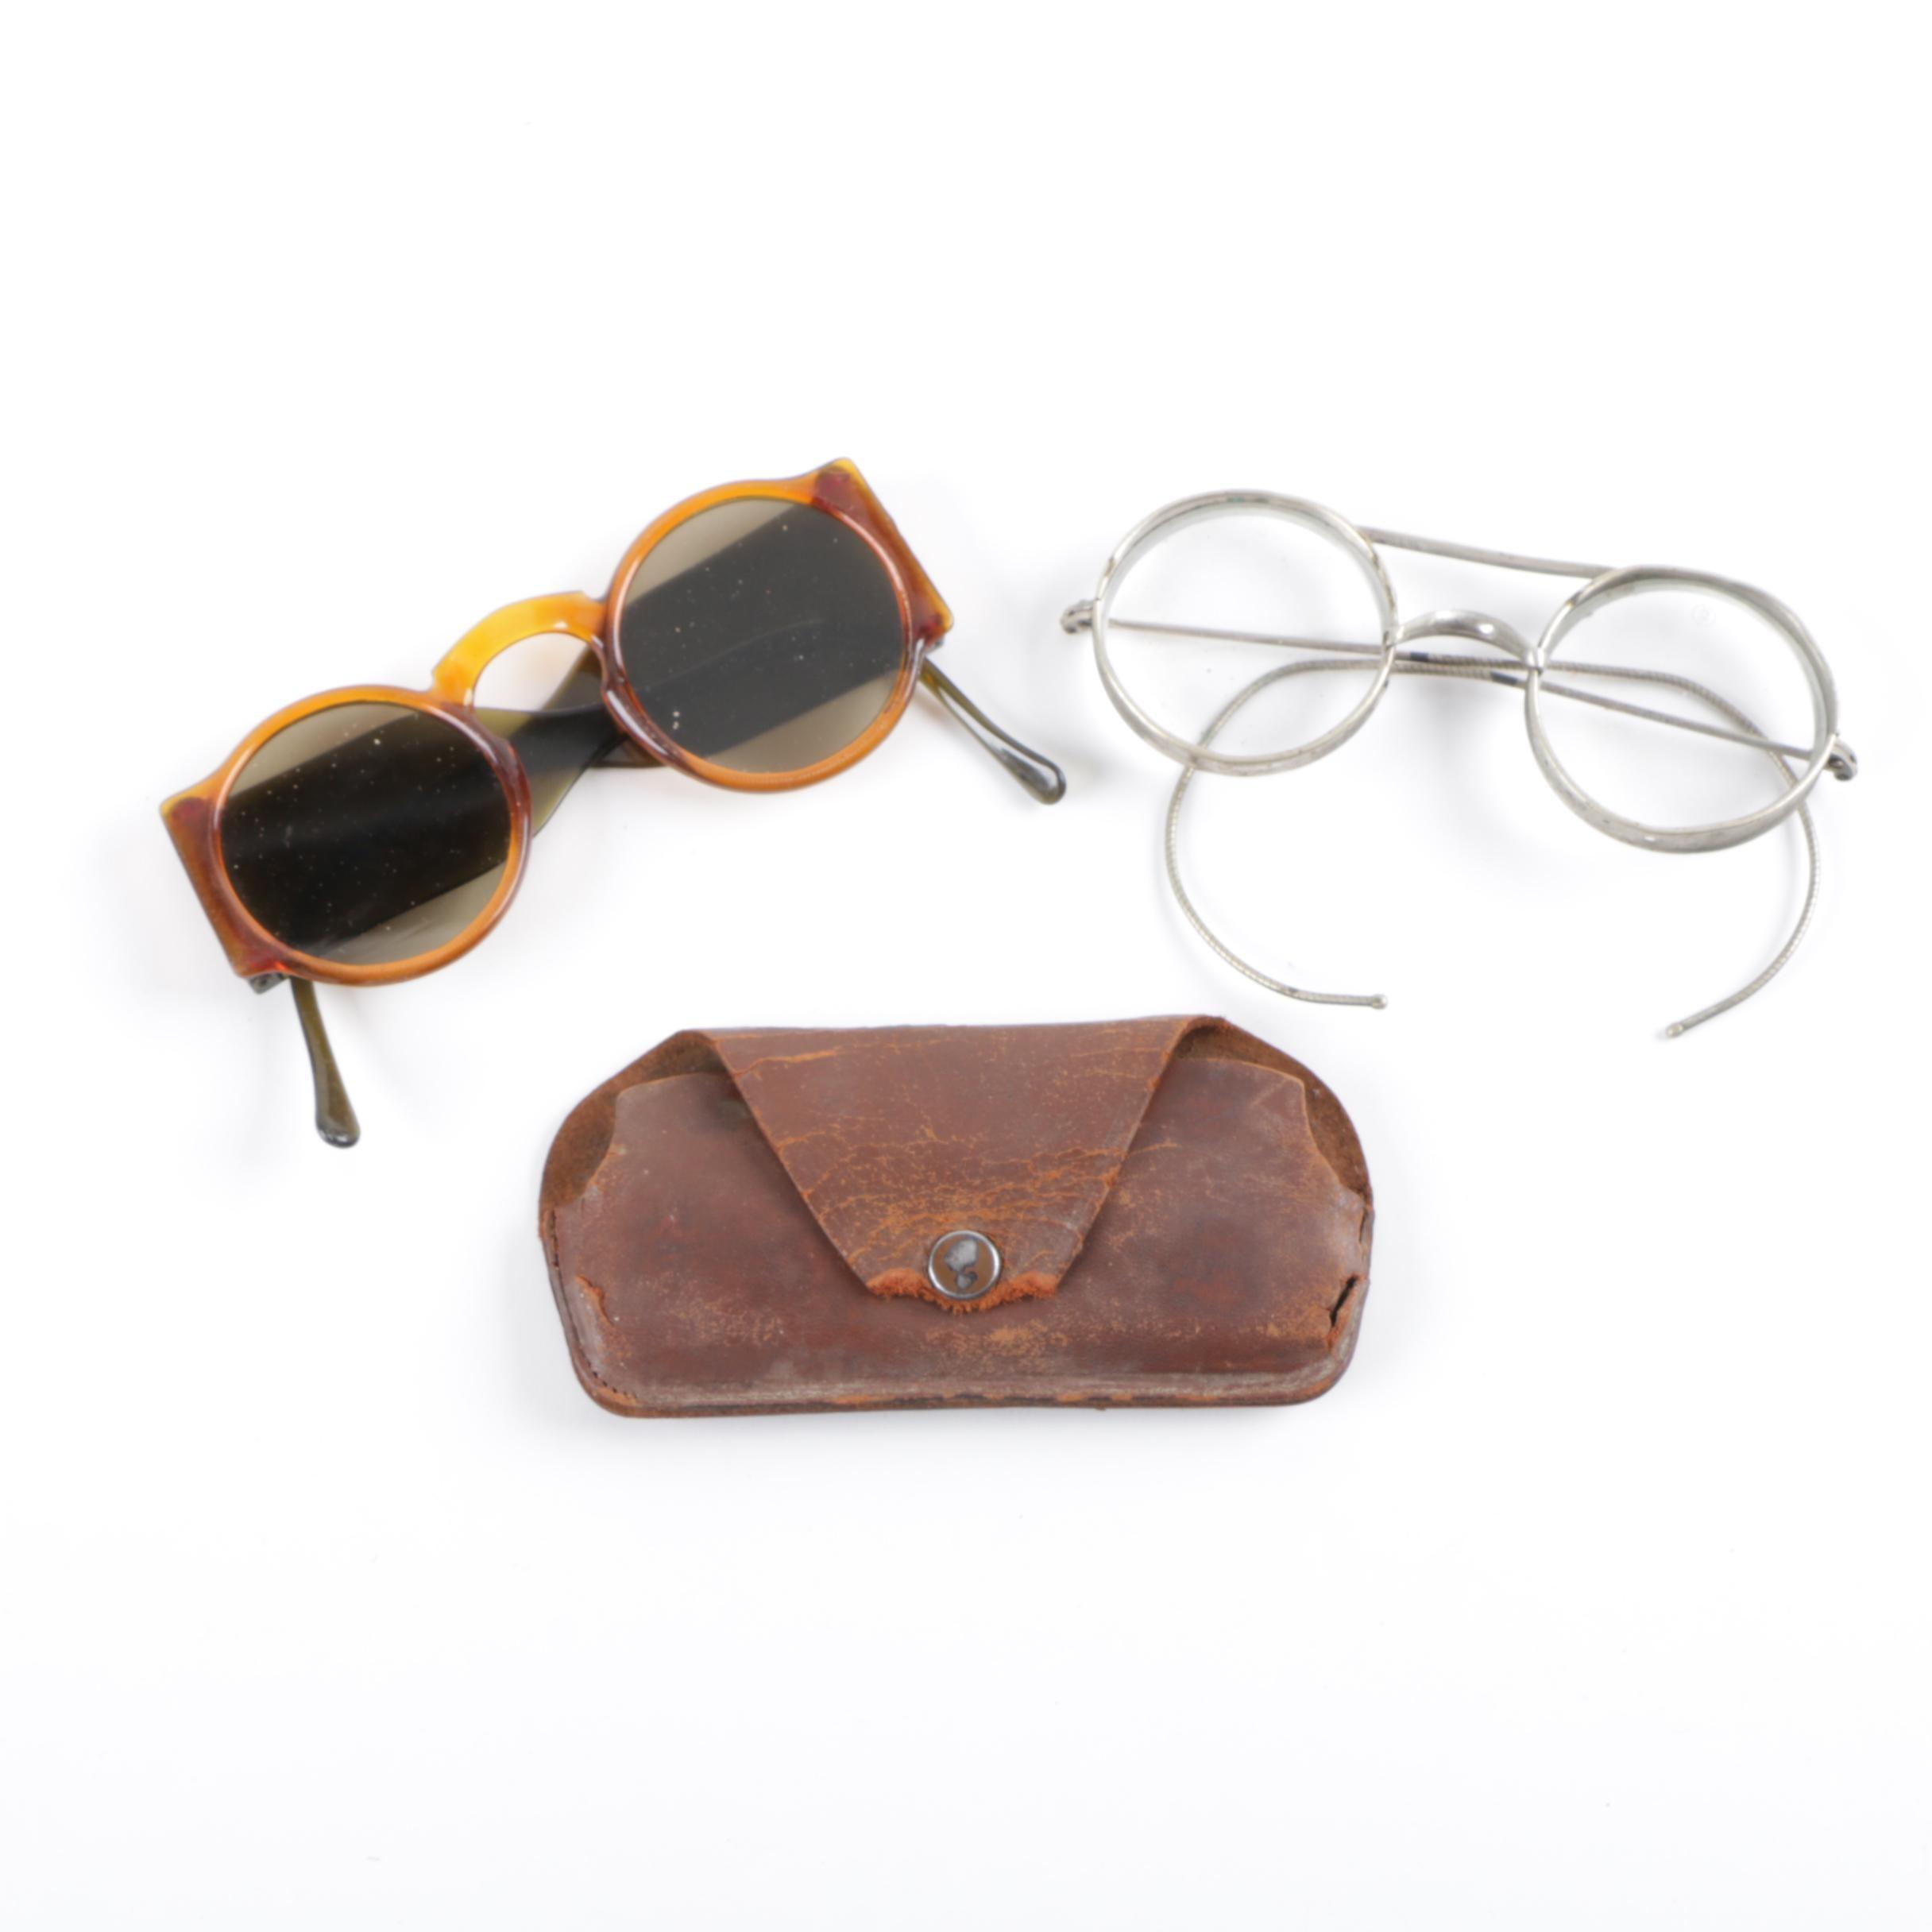 Semi-Antique Spectacles and Bakelite Sunglasses